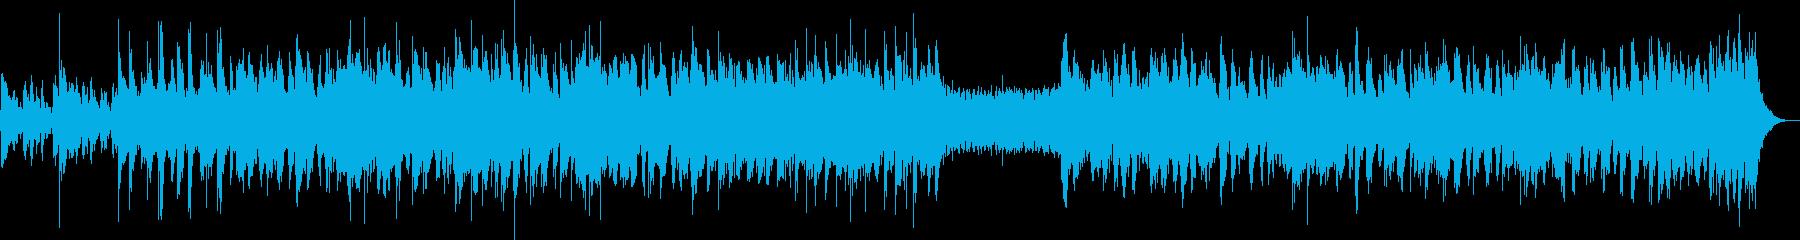 明るく騒々しいオーケストラの再生済みの波形